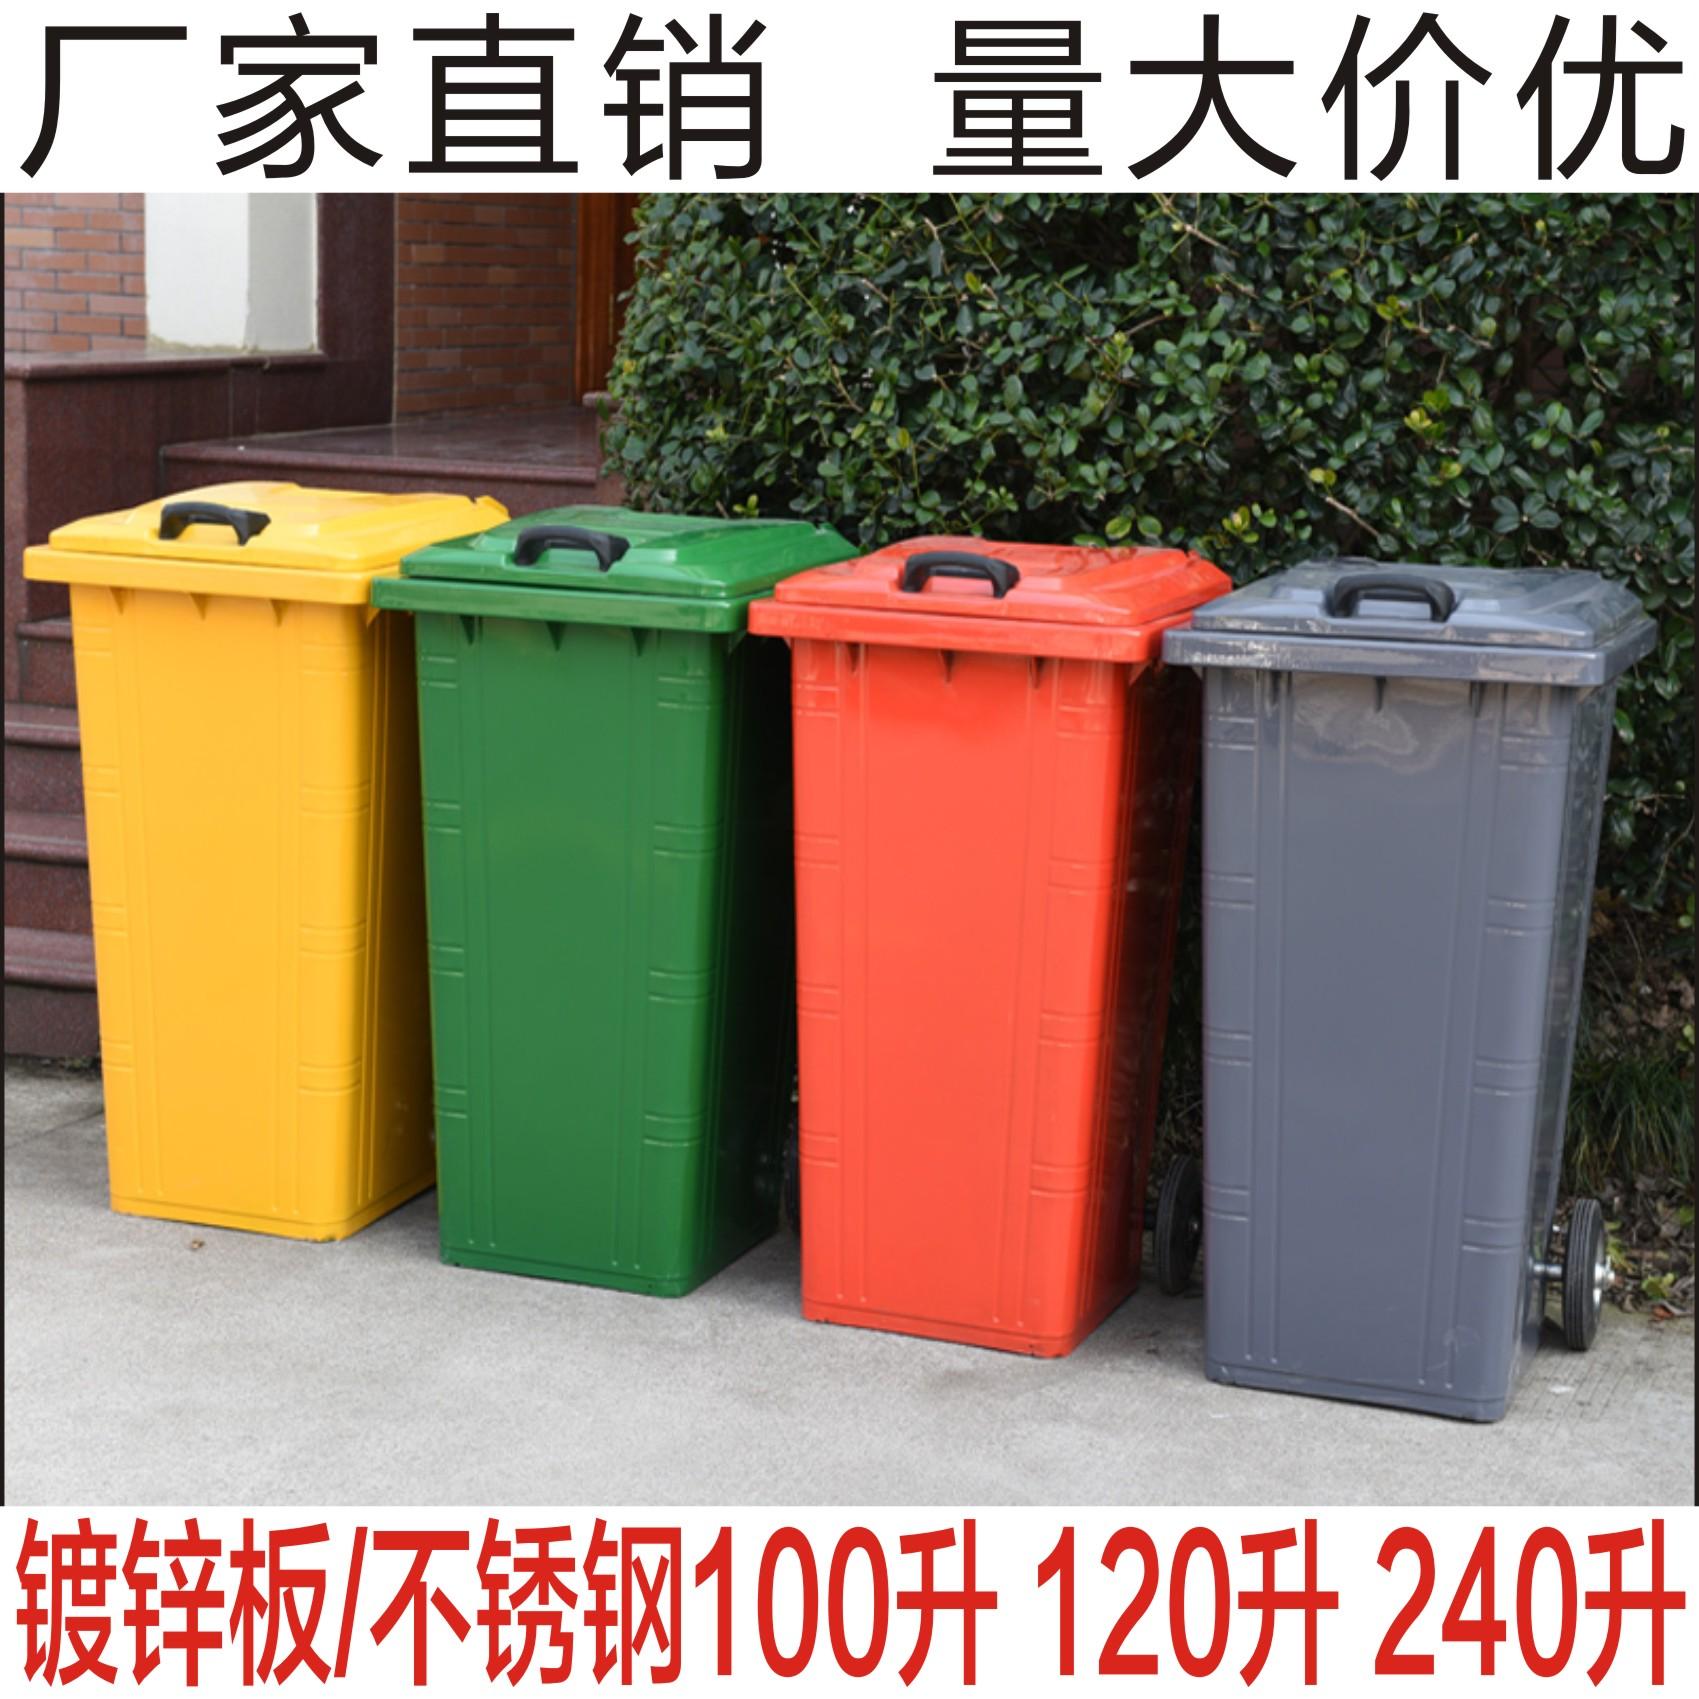 Большой открытый мусор 240л для санитарии на открытом воздухе 120 литров 100л из нержавеющей стали